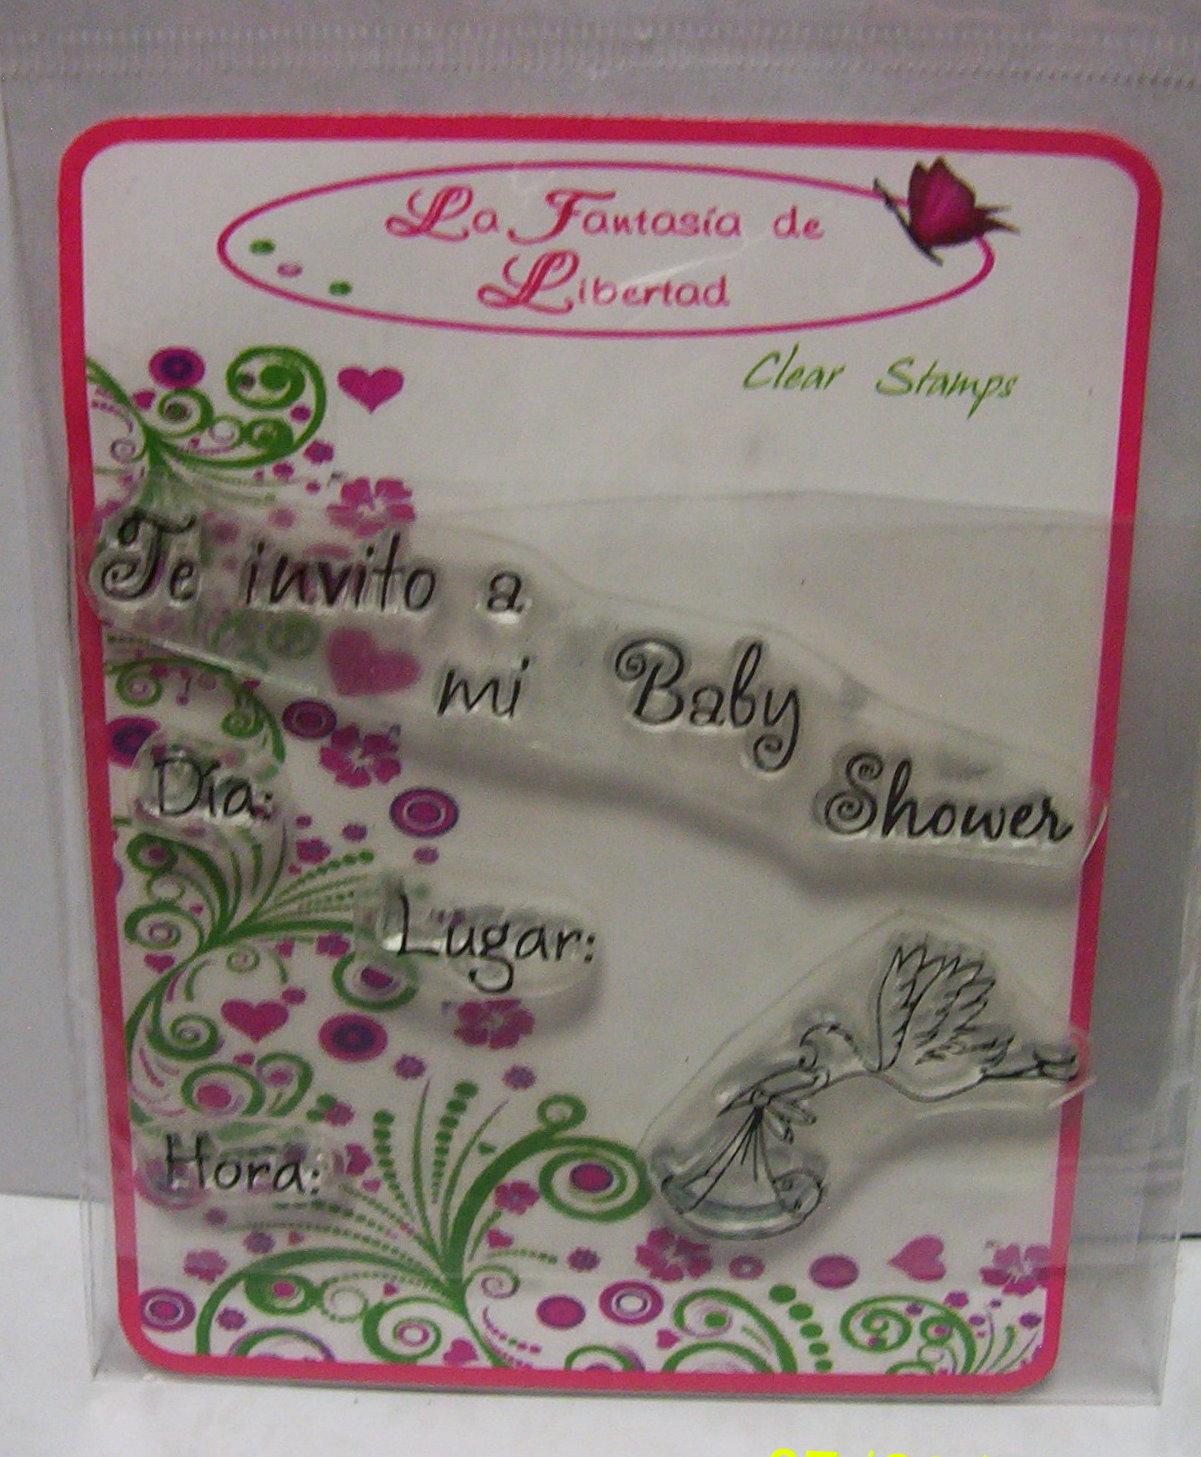 4650dbb23 ... Fantasia Baby Shower  La Fantasía De Libertad Clear Stamps  Baby Shower